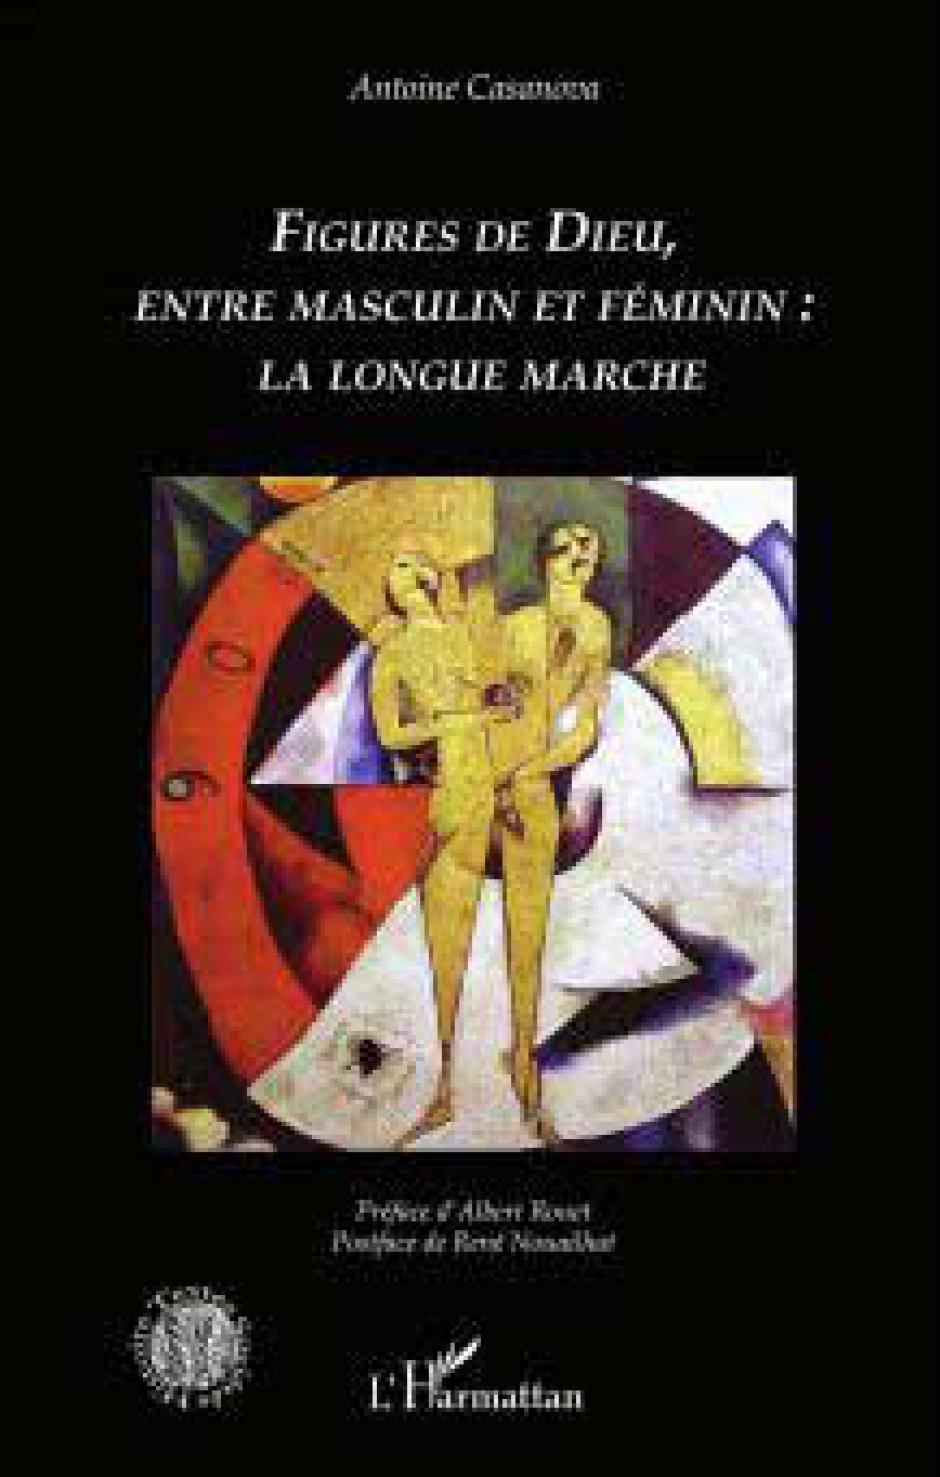 Figures de Dieu, entre masculin et féminin : La longue marche. Antoine Casanova